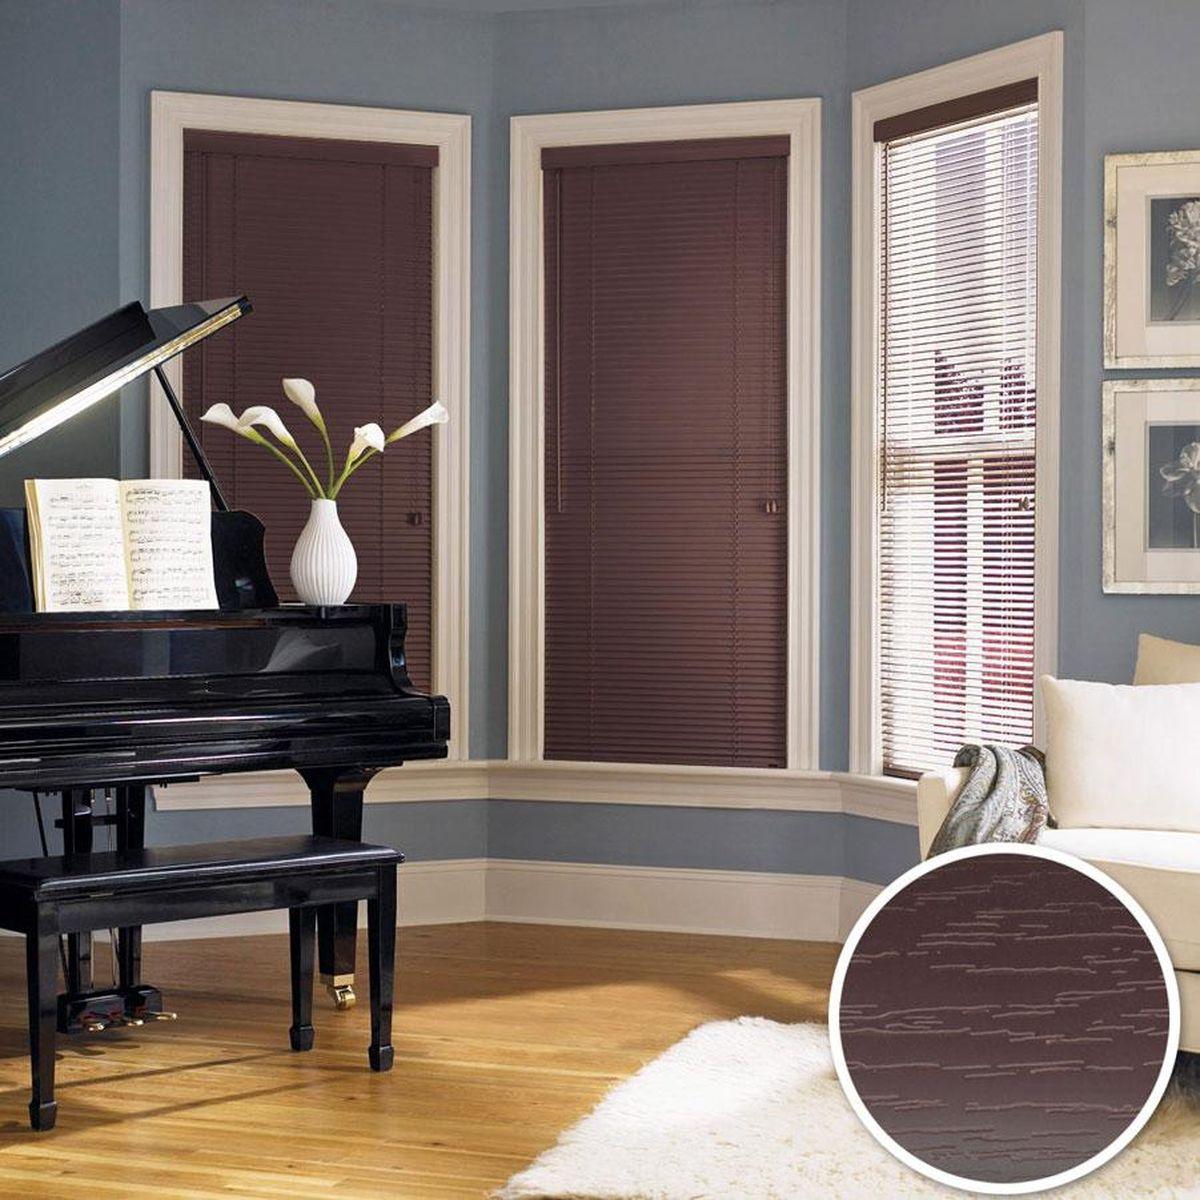 Жалюзи Эскар, цвет: темный кофе, ширина 160 см, высота 160 см1004900000360Для того чтобы придать интерьеру изюминку и завершенность, нет ничего лучше, чем использовать жалюзи на окнах квартиры, дома или офиса. С их помощью можно подчеркнуть индивидуальный вкус, а также стилевое оформление помещения. Помимо декоративных функций, жалюзи выполняют и практические задачи: они защищают от излишнего солнечного света, не дают помещению нагреваться, а также создают уют в темное время суток.Пластиковые жалюзи - самое универсальное и недорогое решение для любого помещения. Купить их может каждый, а широкий выбор размеров под самые популярные габариты сделает покупку простой и удобной. Пластиковые жалюзи имеют высокие эксплуатационные характеристики - они гигиеничны, что делает их незаменимыми при монтаже в детских и медицинских учреждениях.